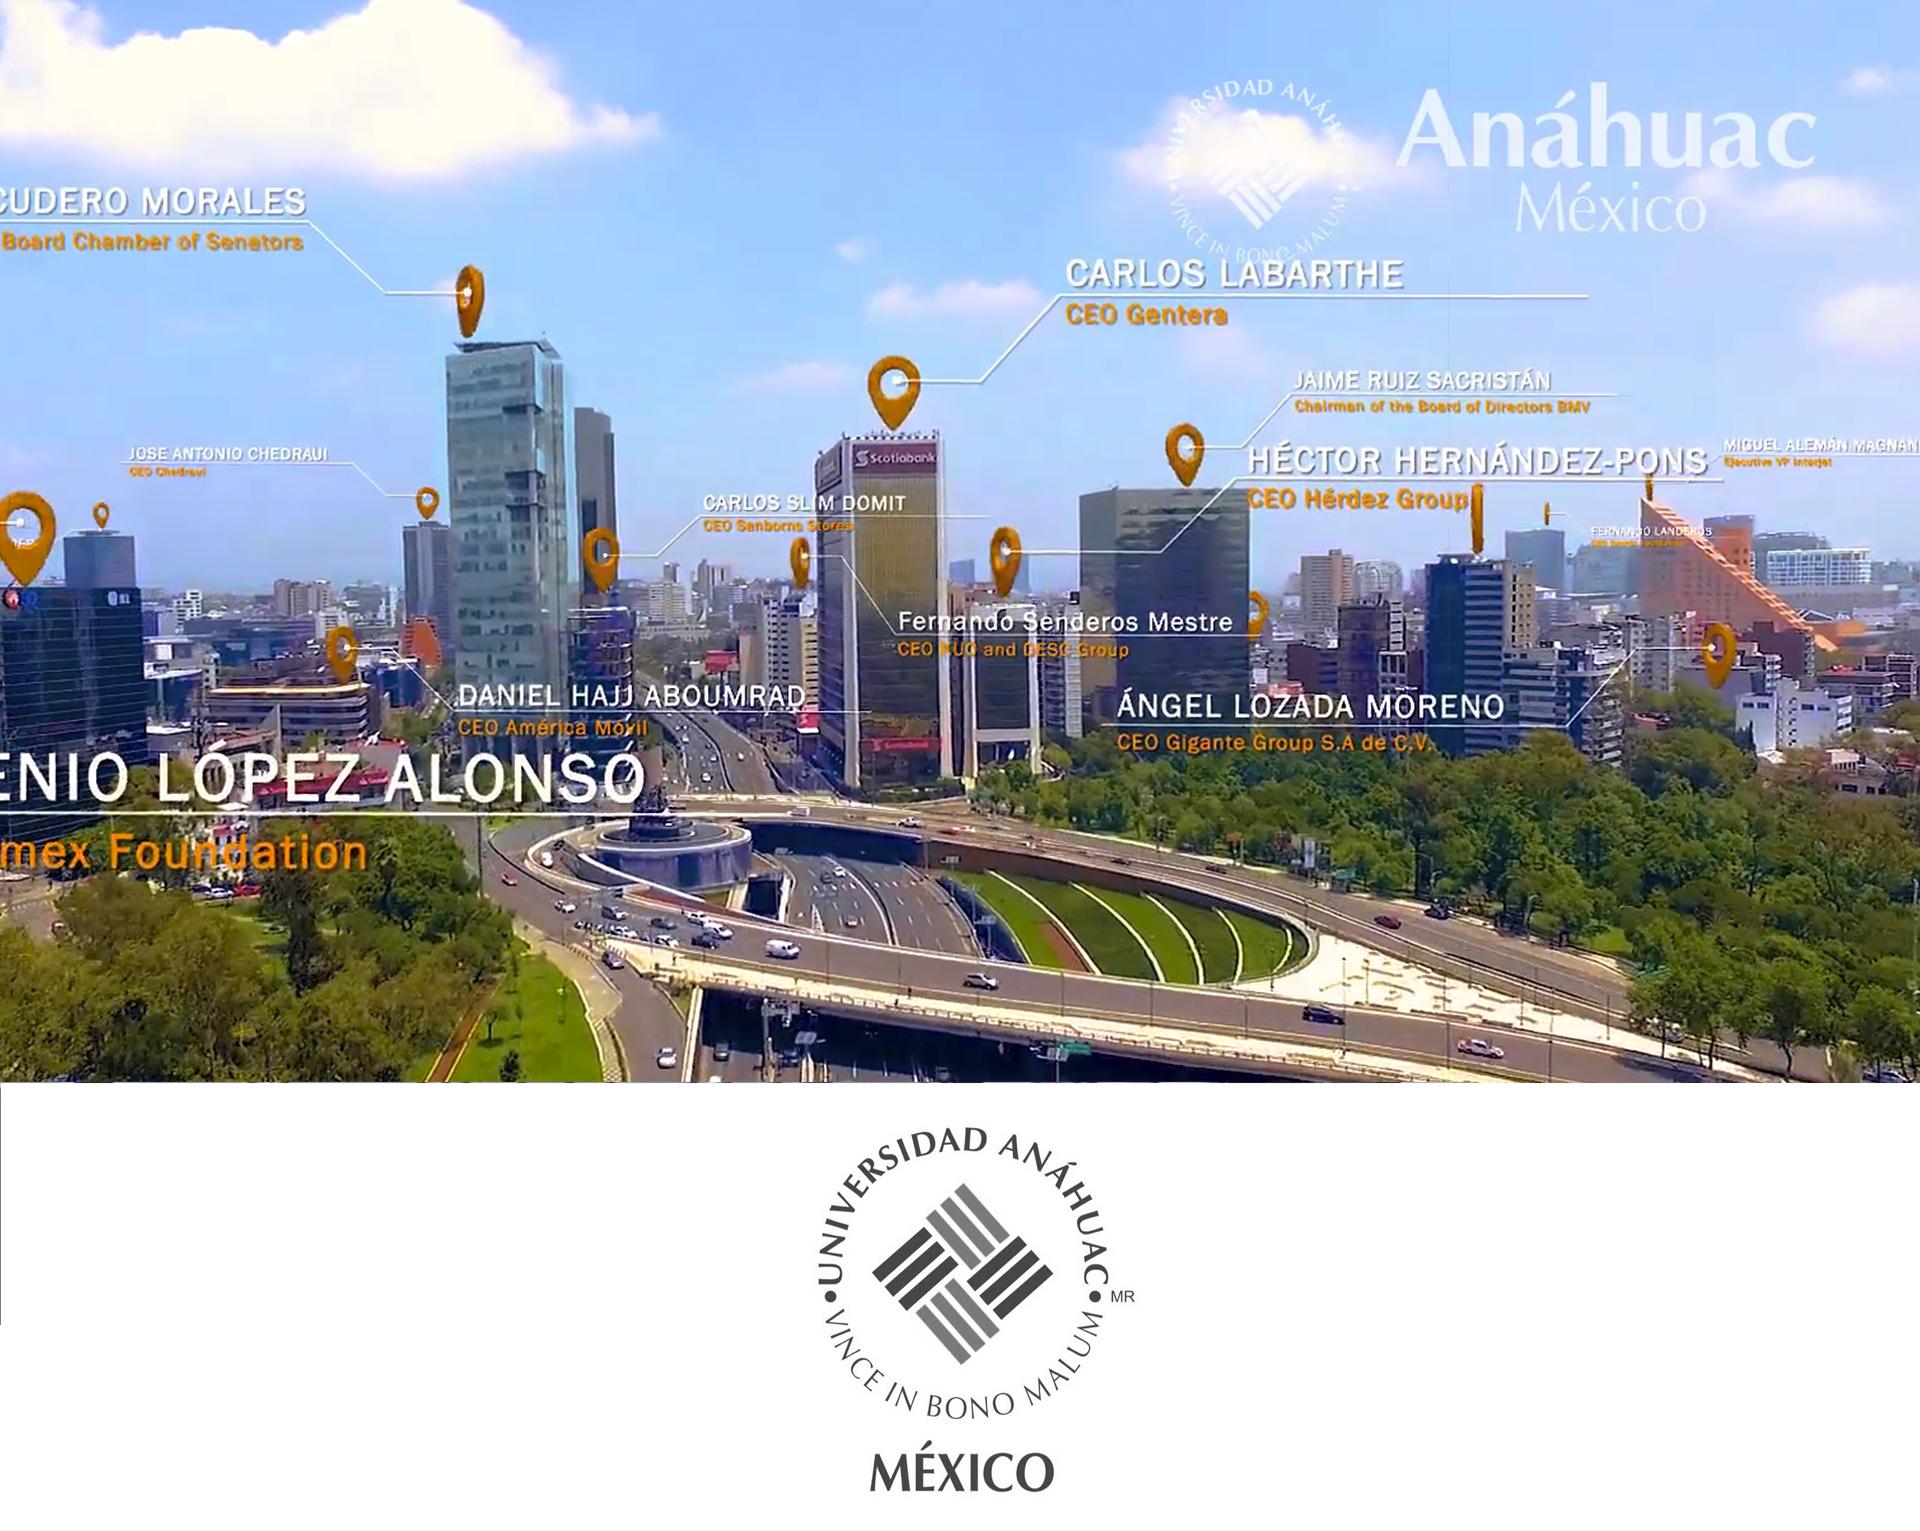 AnahuacMéxico.jpg